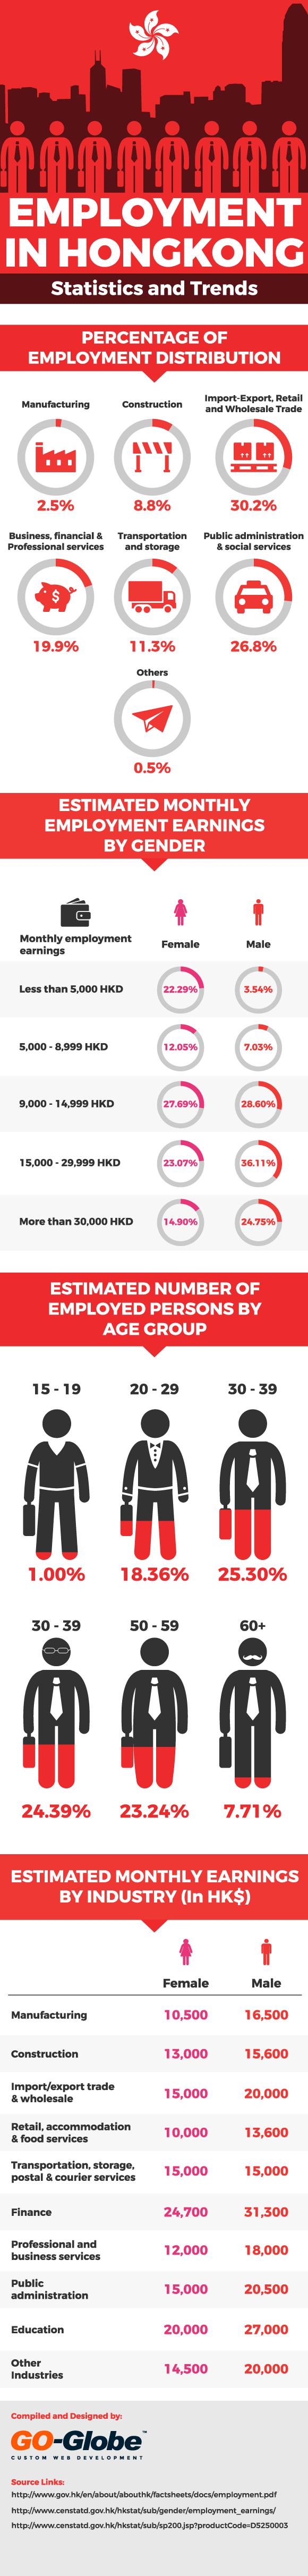 Hong Kong Employment Statistics